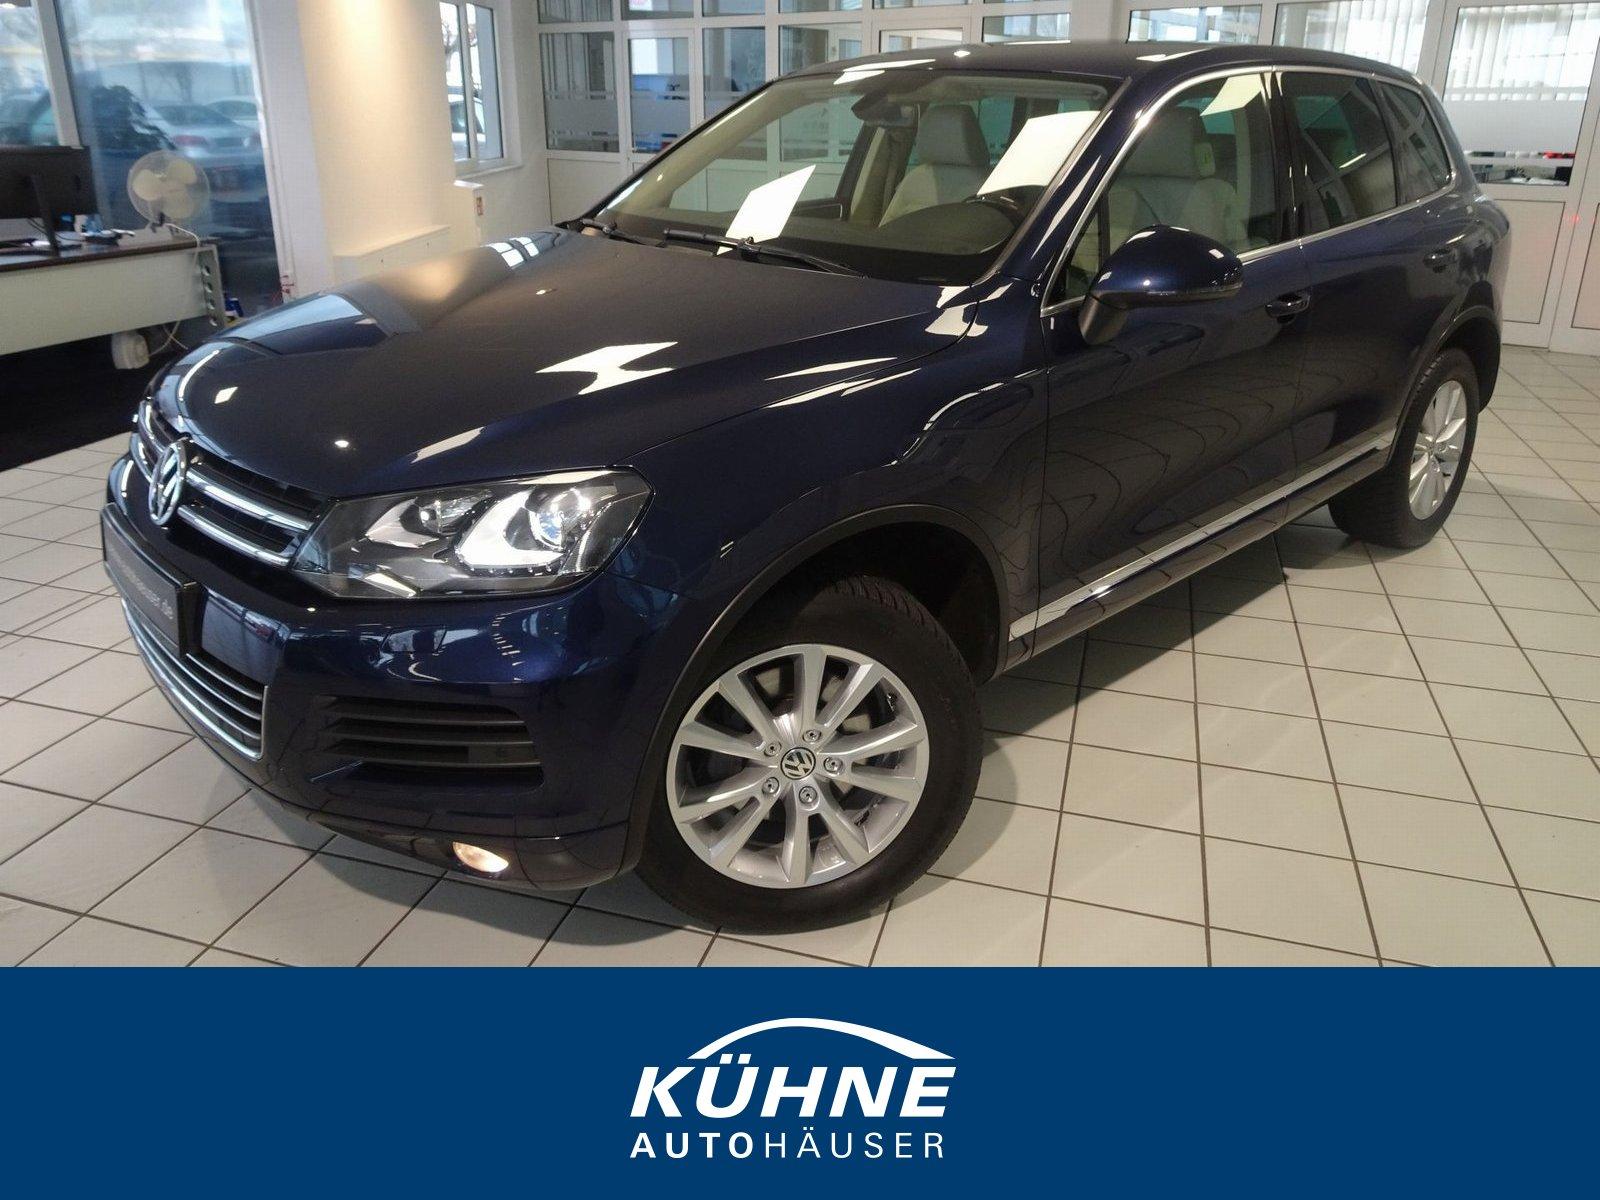 Volkswagen Touareg 3.0 RNS850+Bi-Xenon+AHK+8xALU+Standheiz, Jahr 2012, Diesel